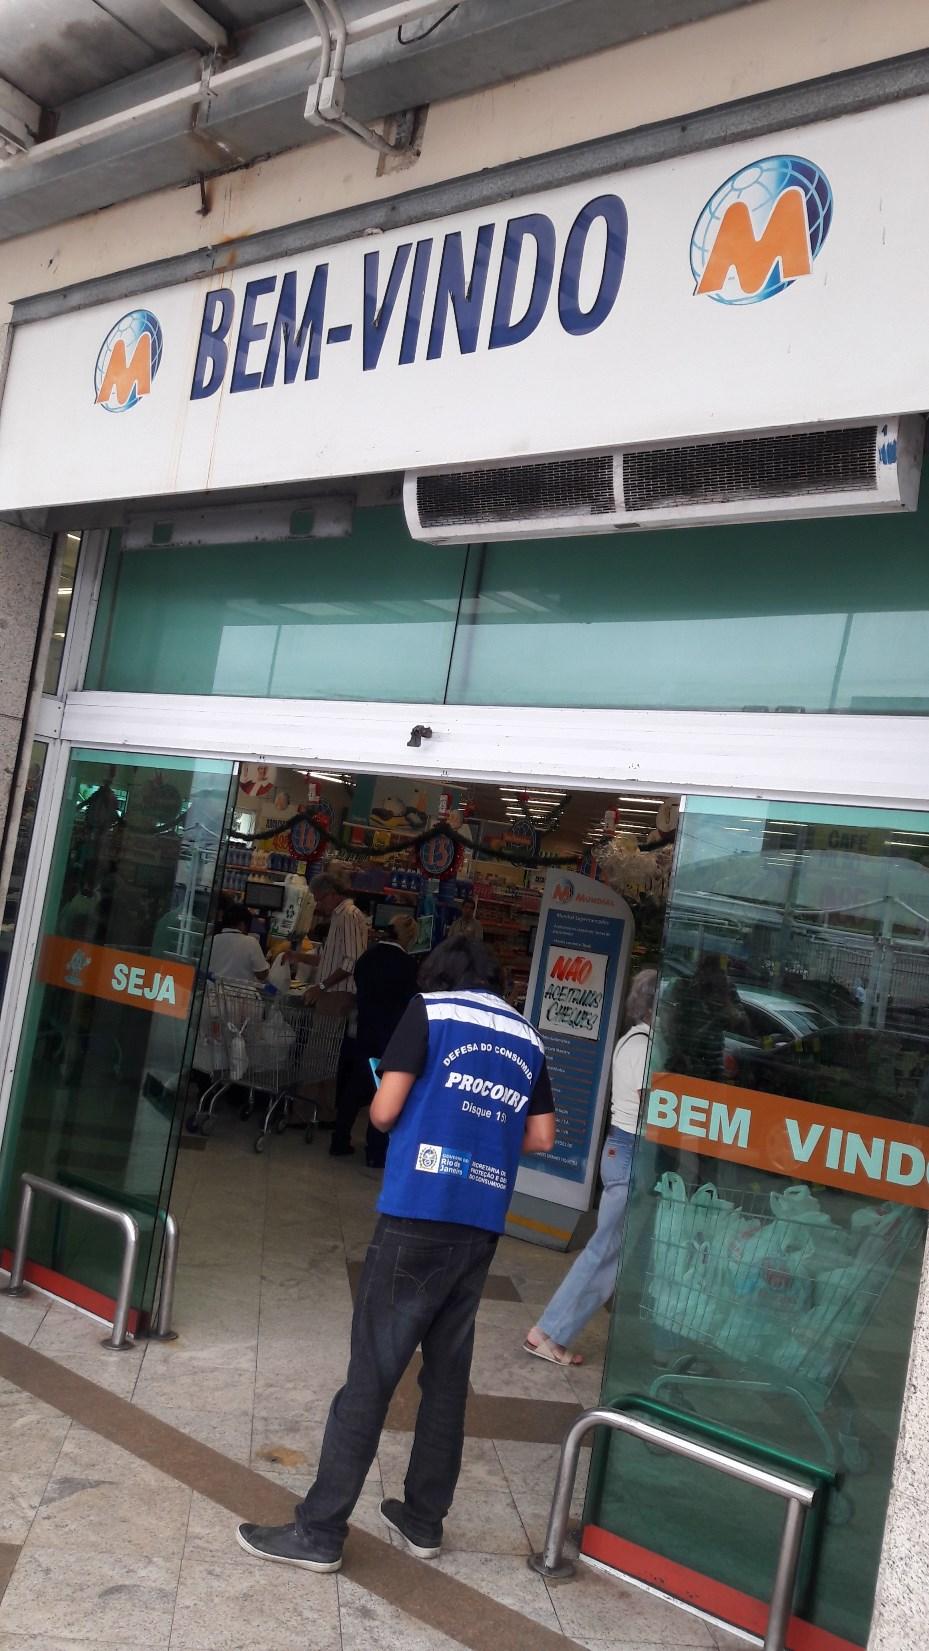 Mundial_(6)edt_1480963194.28.jpg